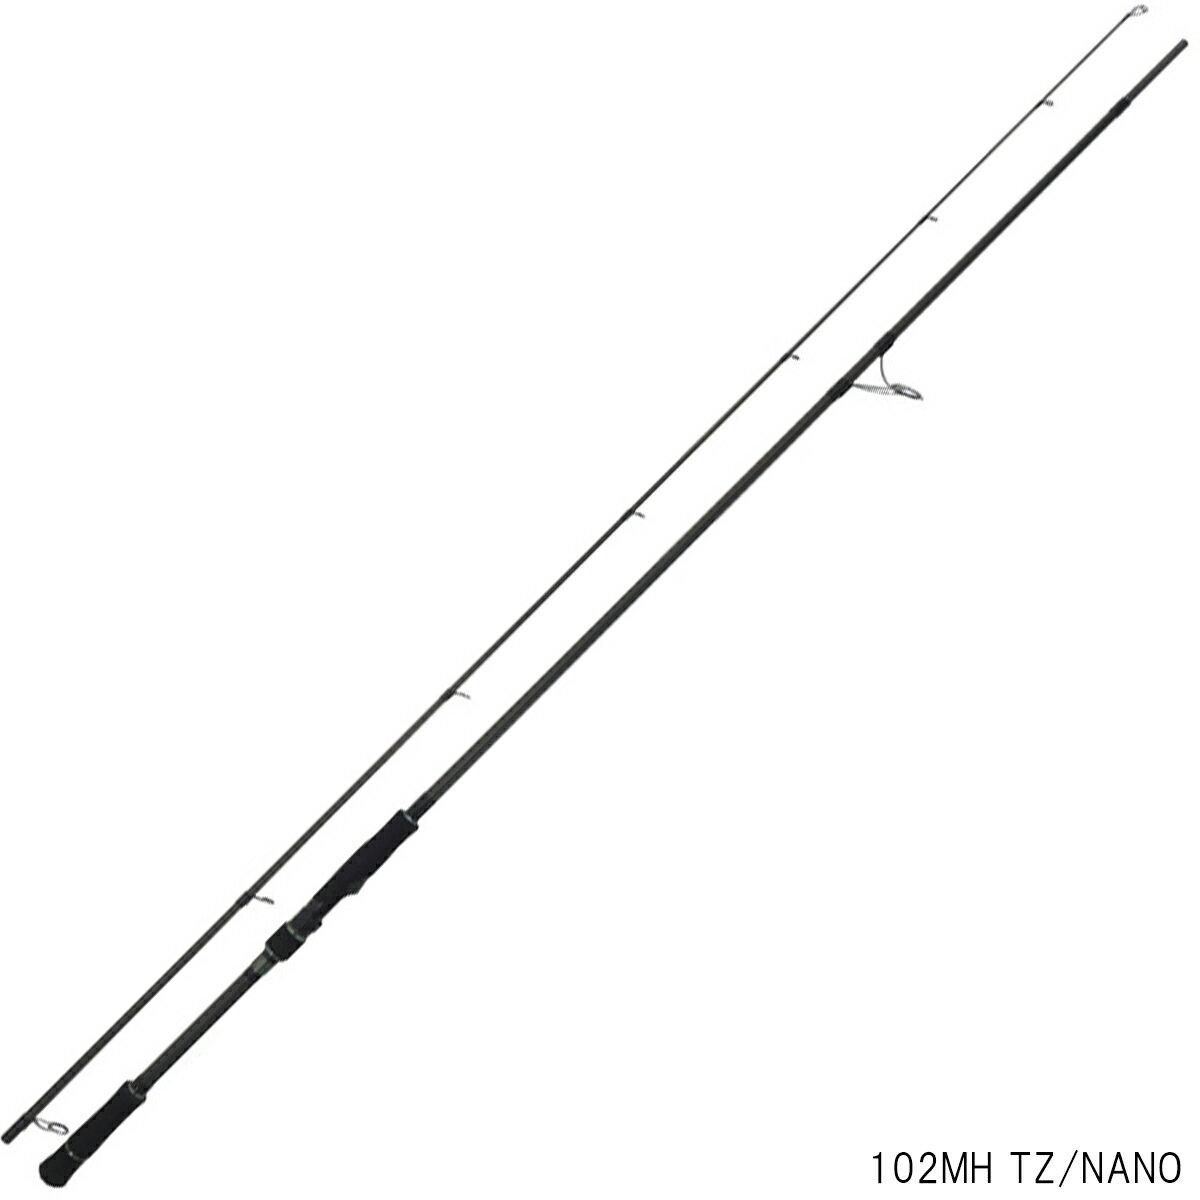 ヤマガブランクス バリスティック 102MH TZ/NANO【大型商品】